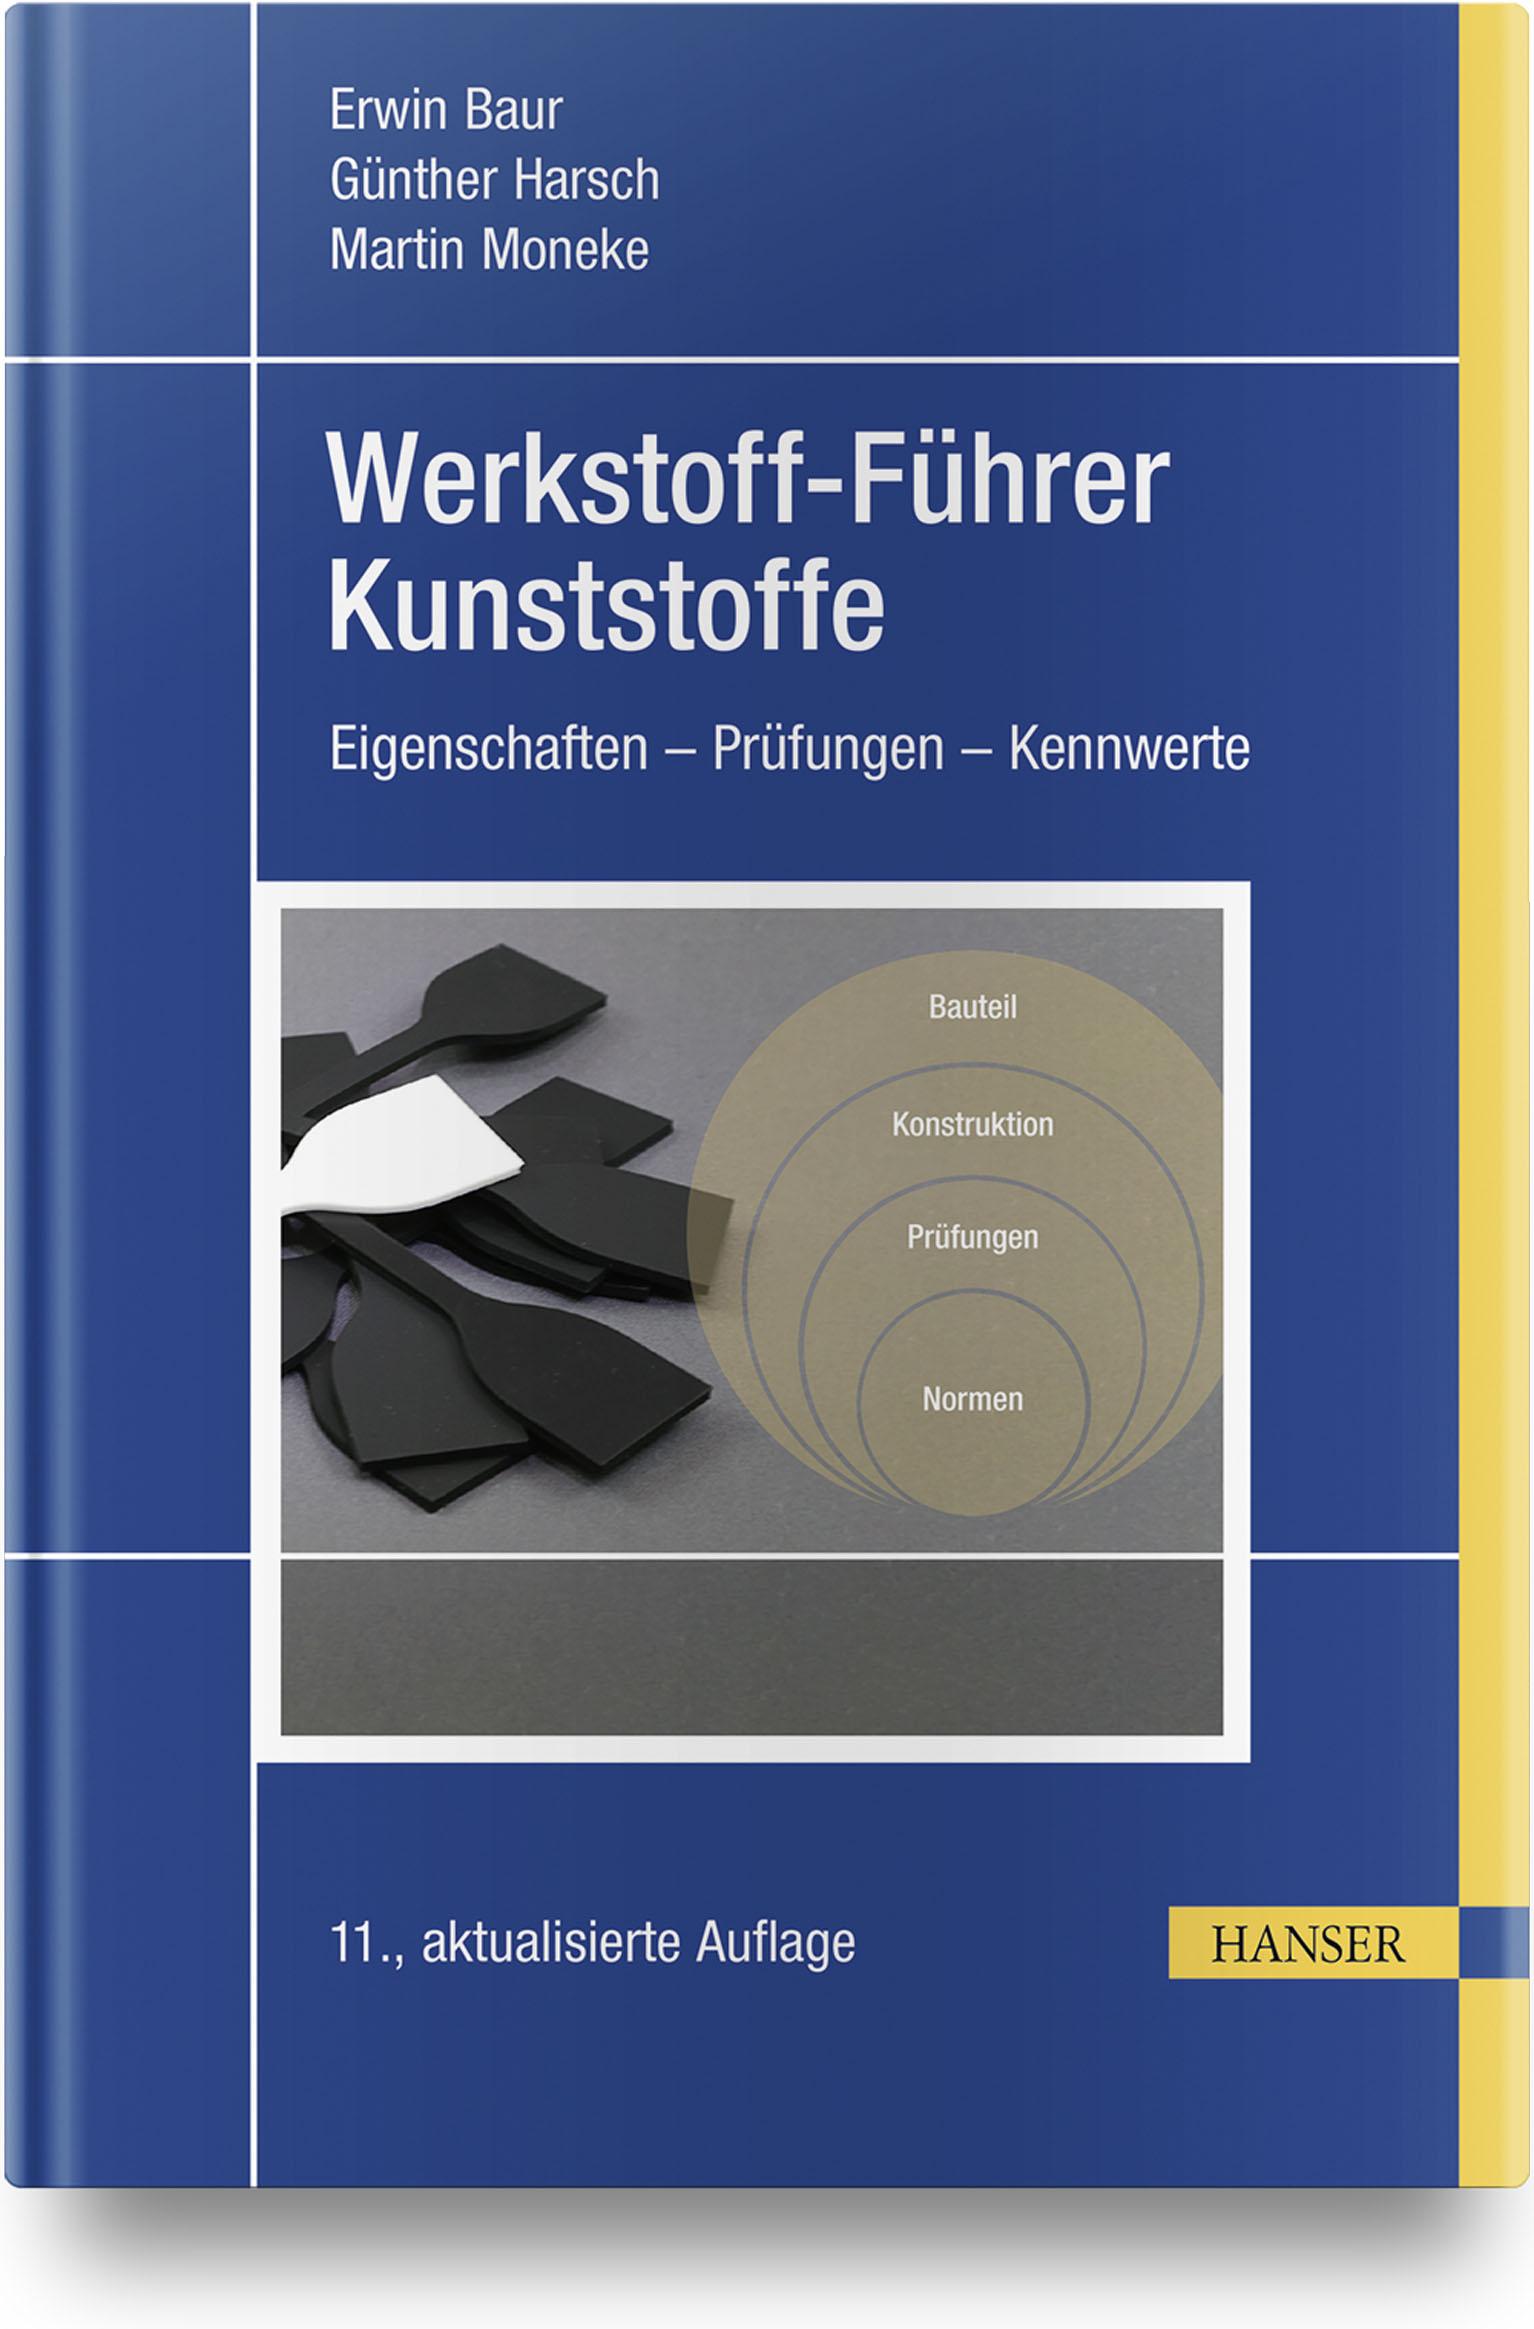 Baur, Harsch, Moneke, Werkstoff-Führer Kunststoffe, 978-3-446-45798-0